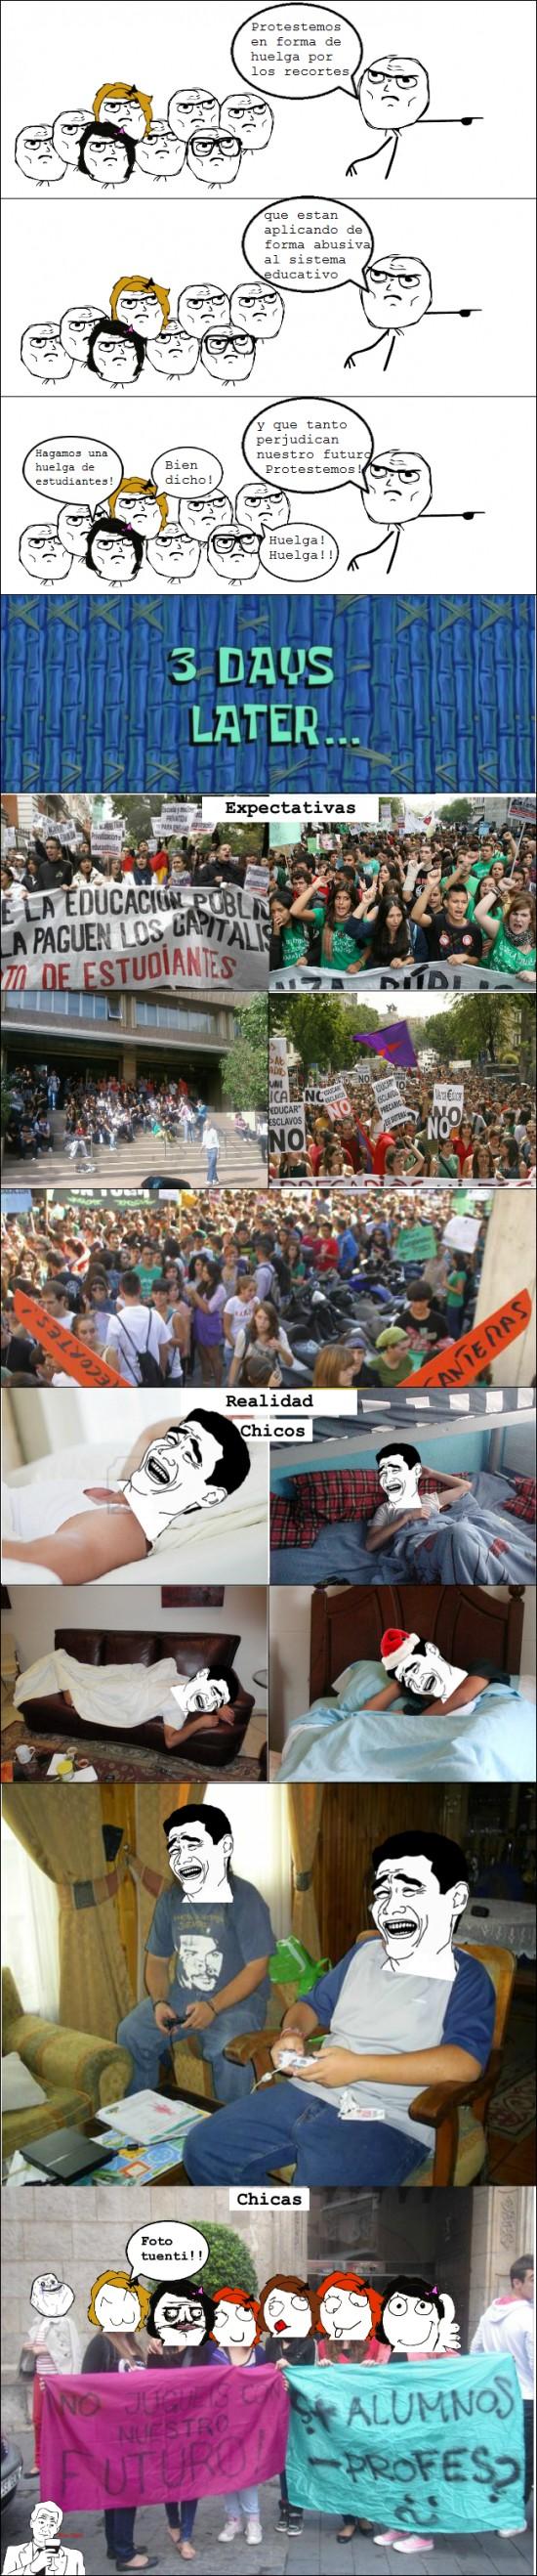 cama,chicas,chicos,dormir,estudiantes,foto tuenti,huelga,play,protesta,recortes,yao ming